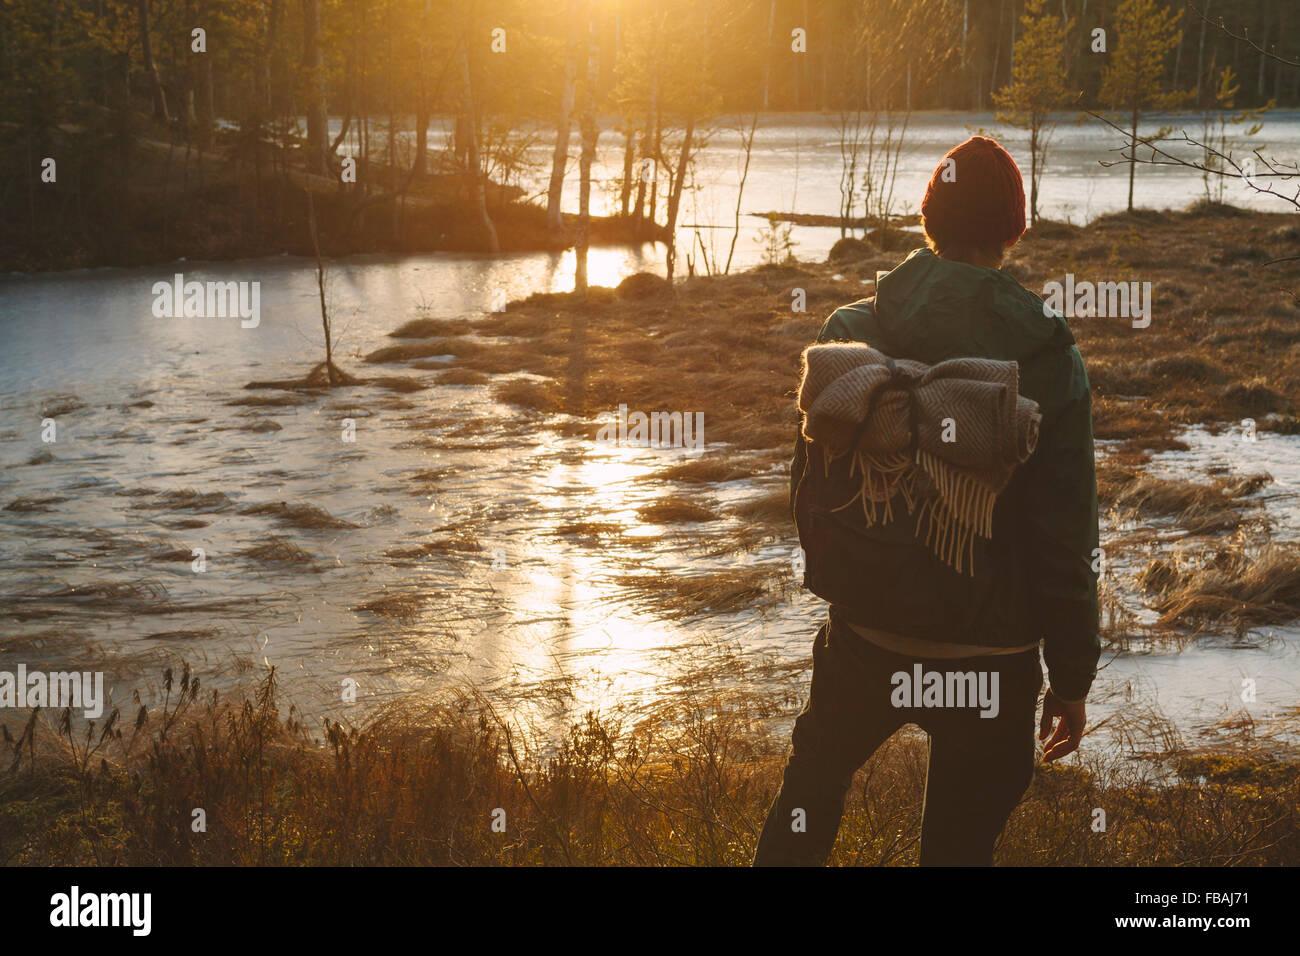 La Finlande, située, Kvarntrask, jeune homme debout sur la rive marécageuse Photo Stock